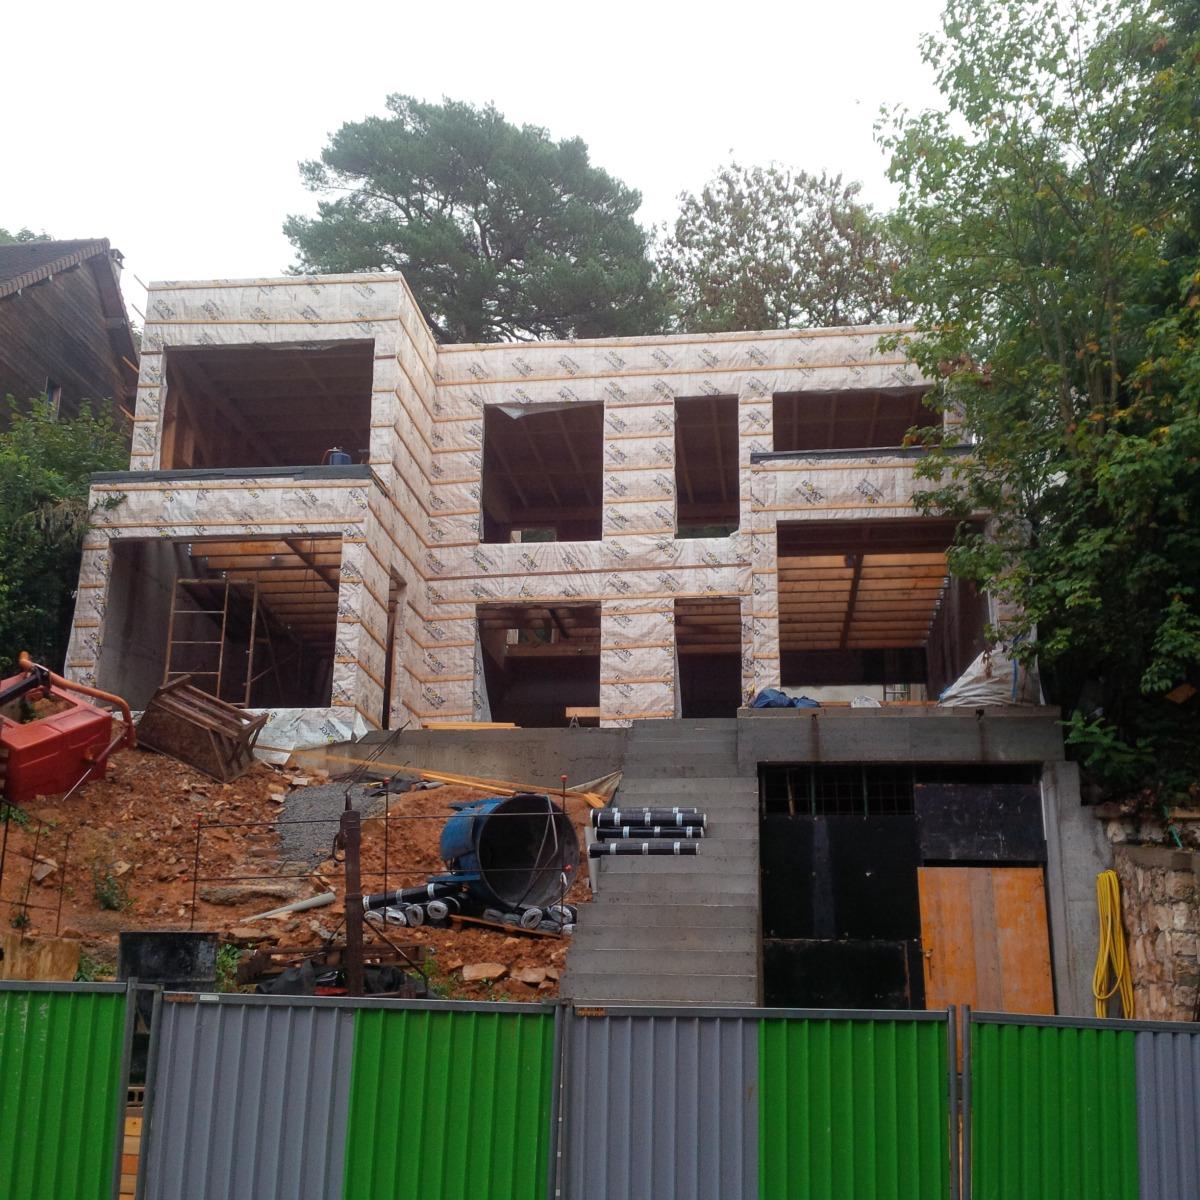 Etape 5 r cit de la construction les tapes de la construction d une maison - Les etapes de construction d une maison ...